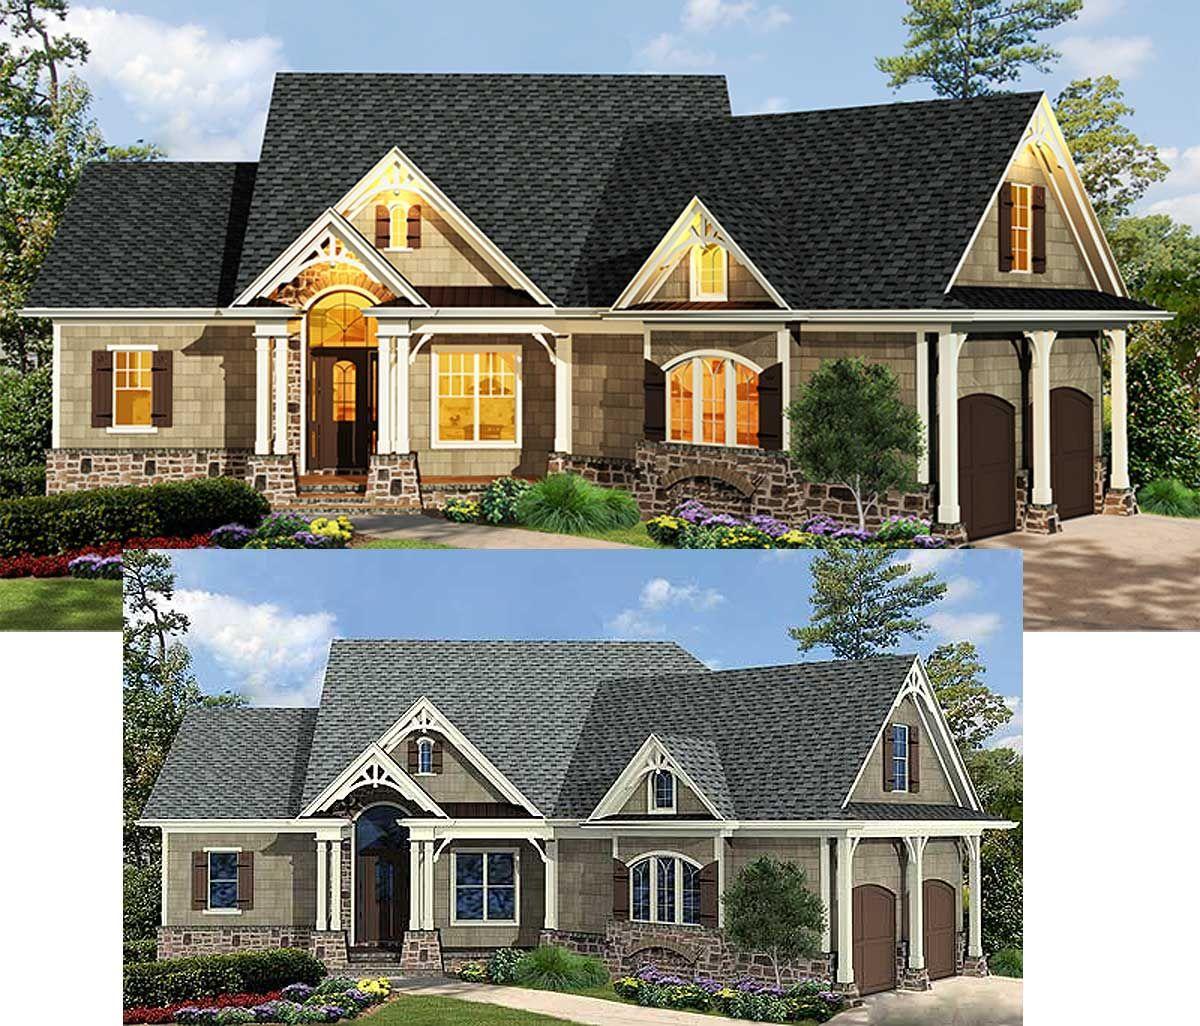 Plan 15883GE: Craftsman-Inspired Ranch Home Plan